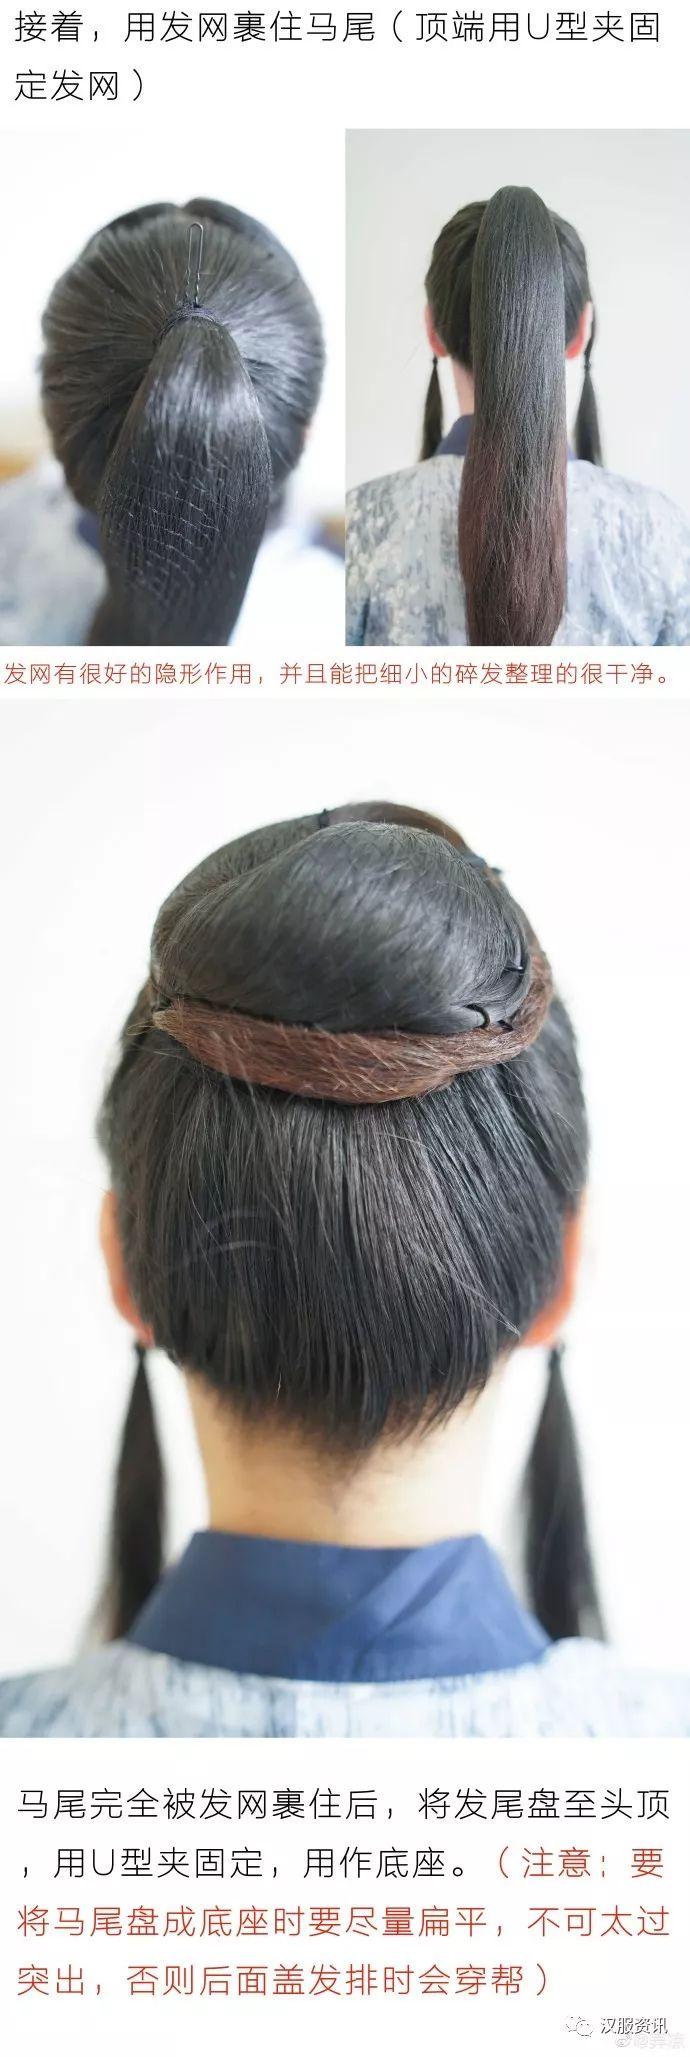 中国汉服汉文化网:【汉服发型】干净朴素的田园风